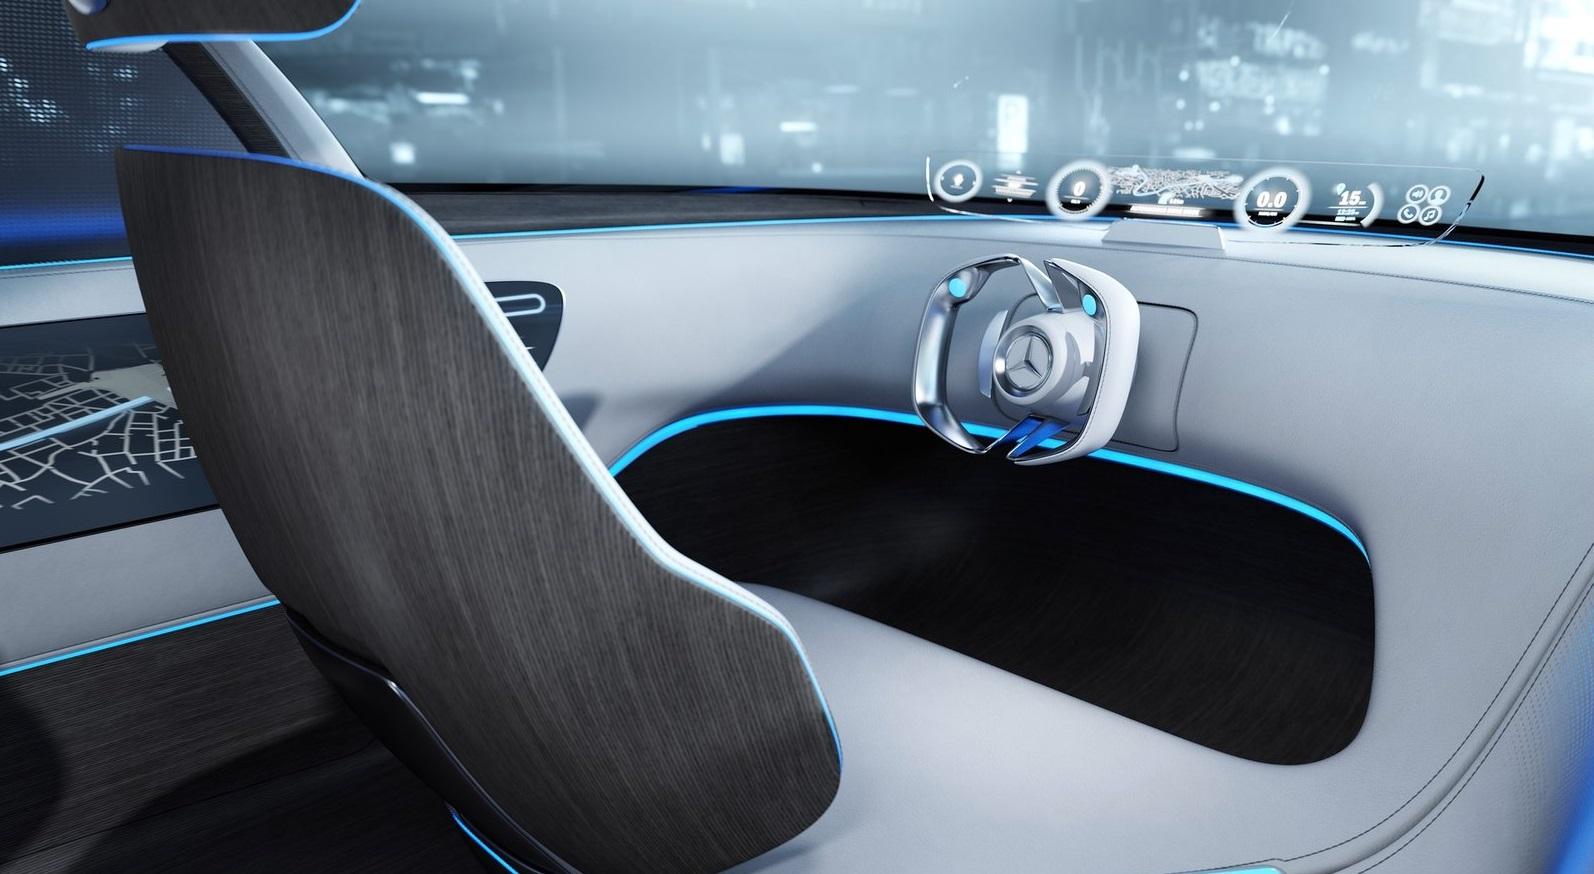 Немецкие власти предлагают устанавливать черный ящик на полуавтономные автомобили